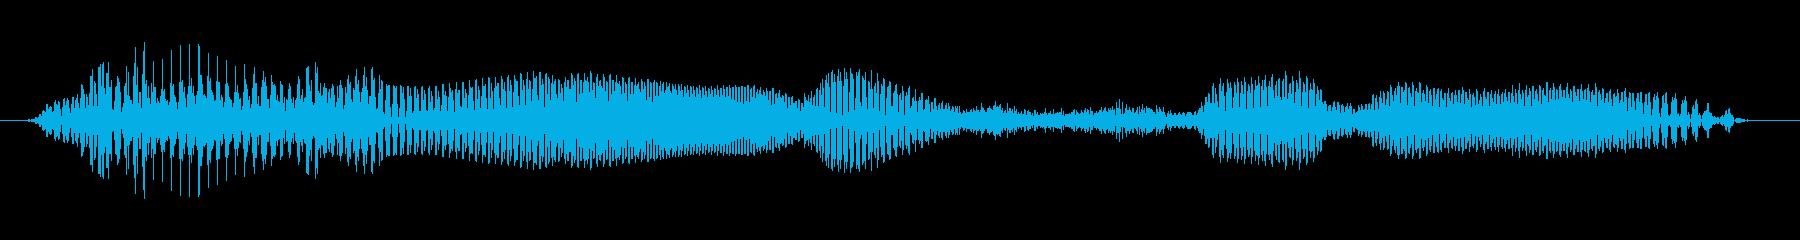 ラウンド3の再生済みの波形